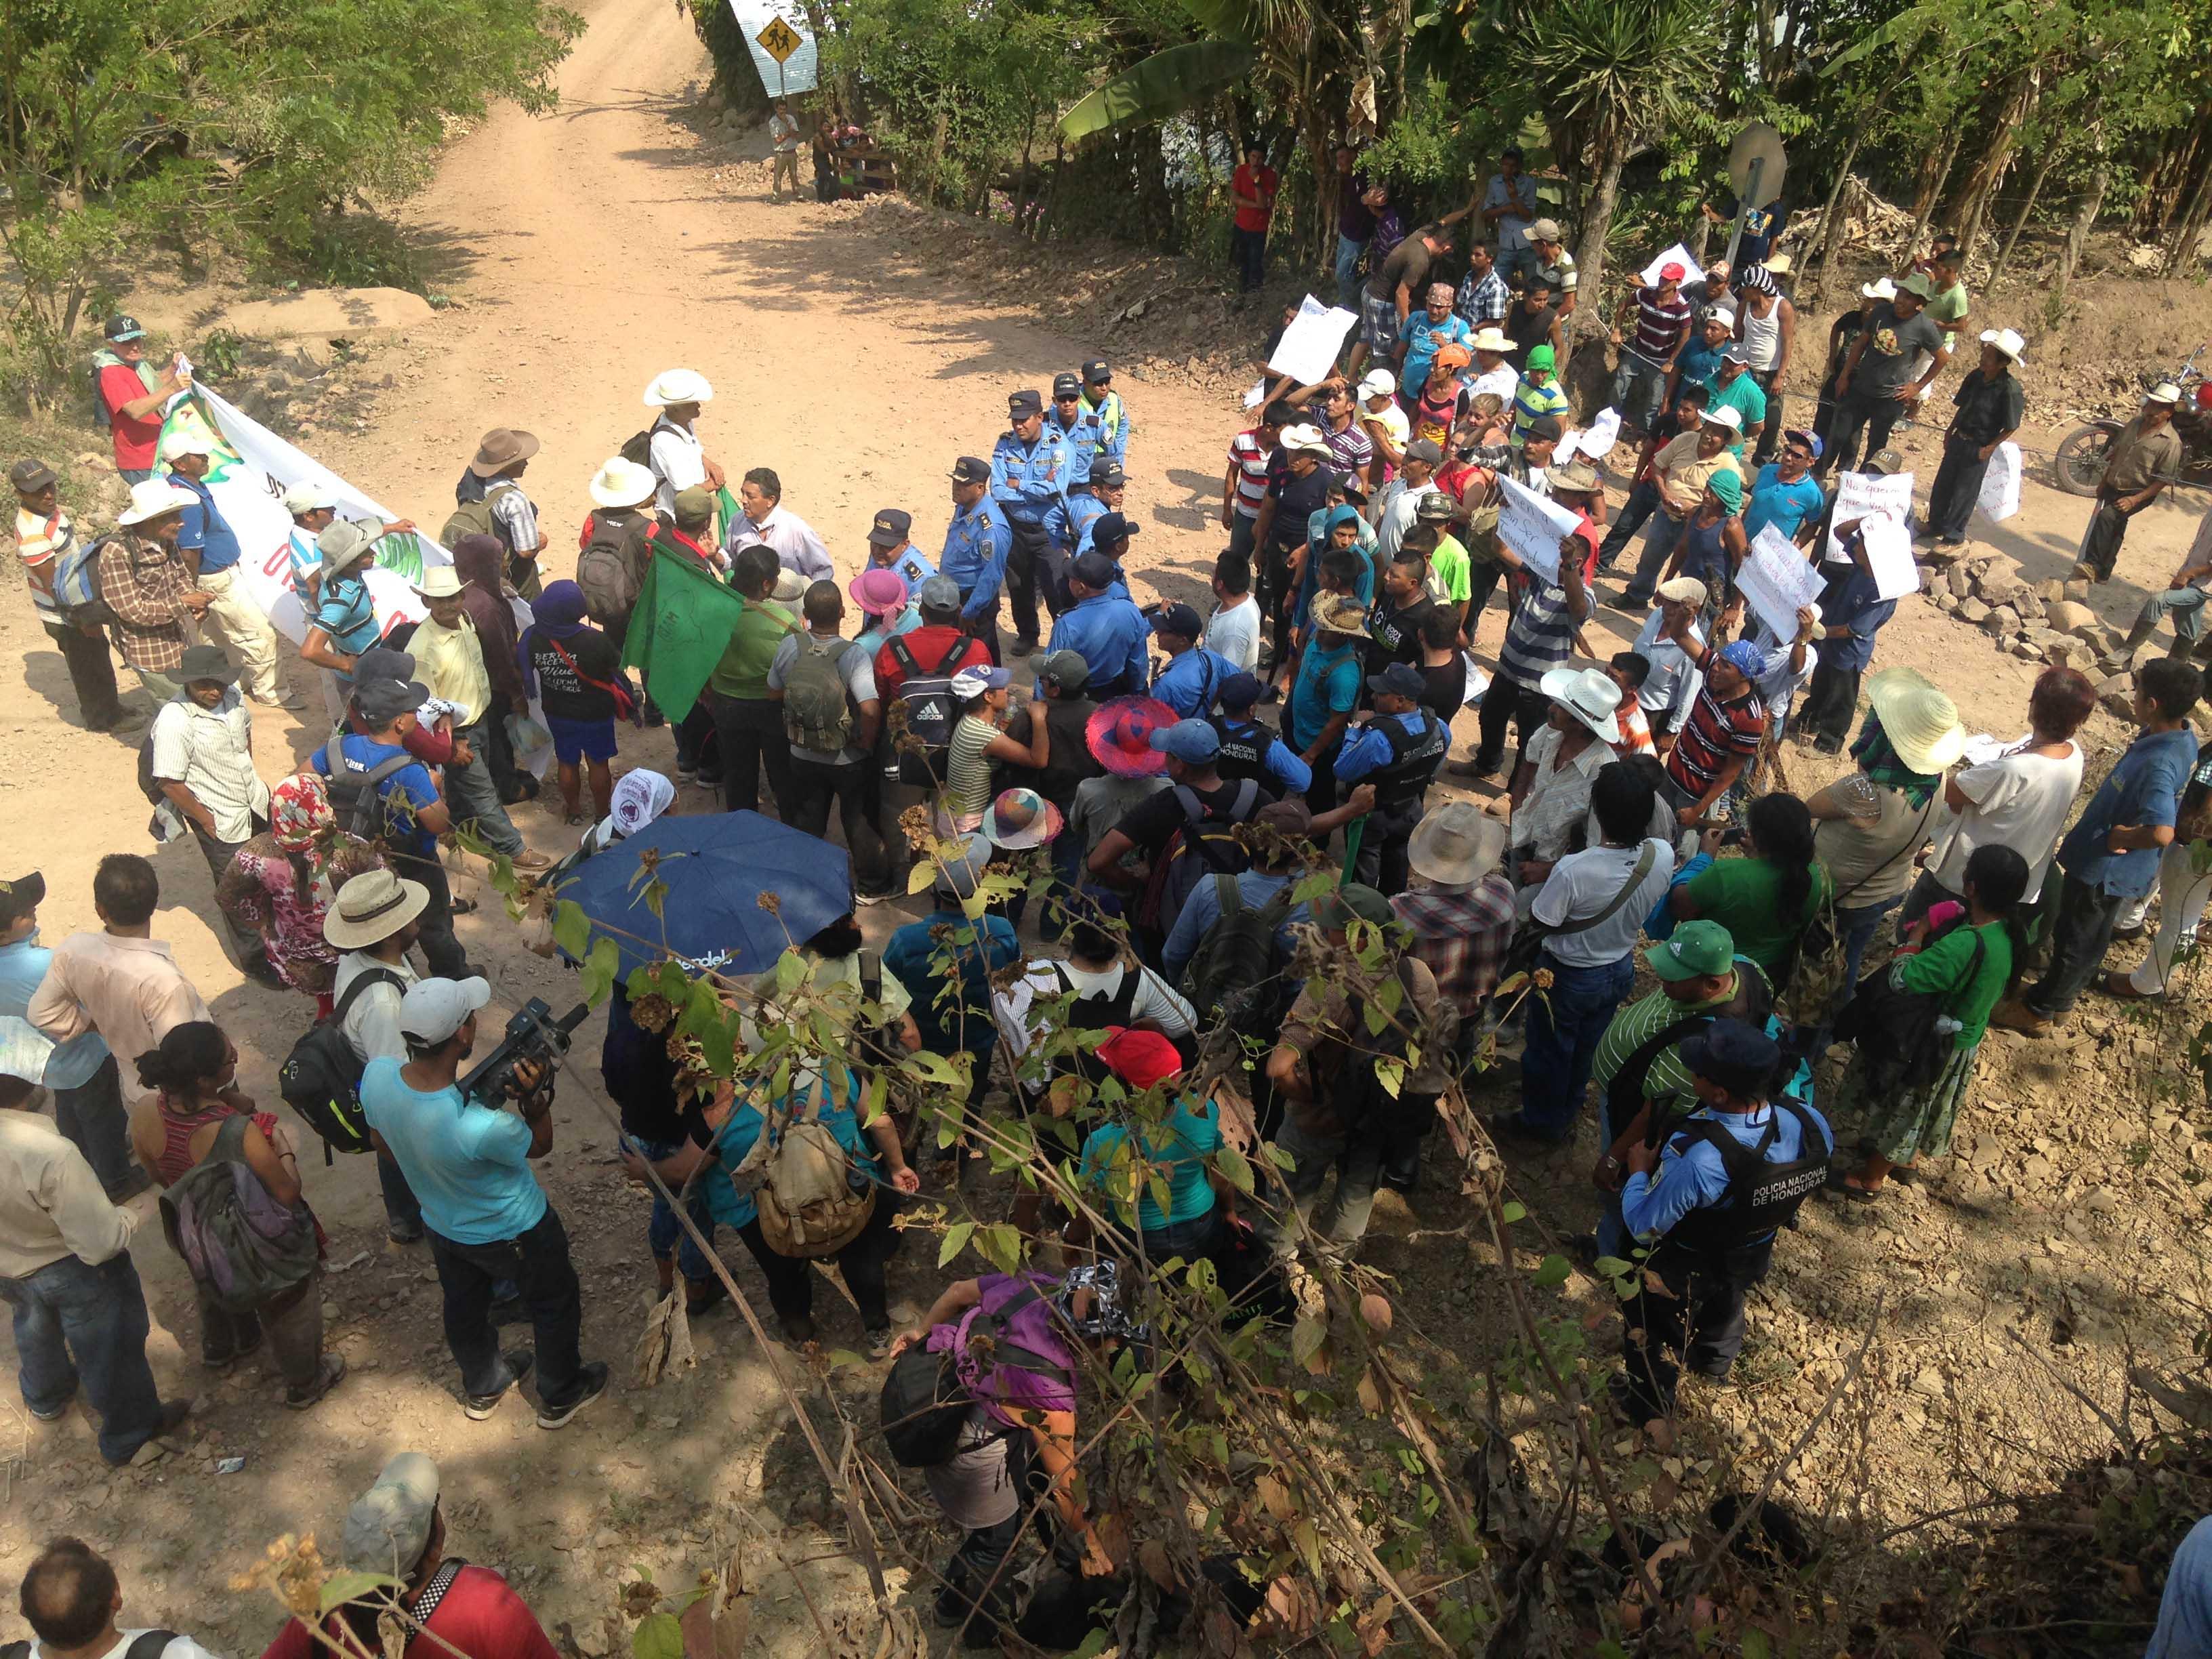 March in Honduras